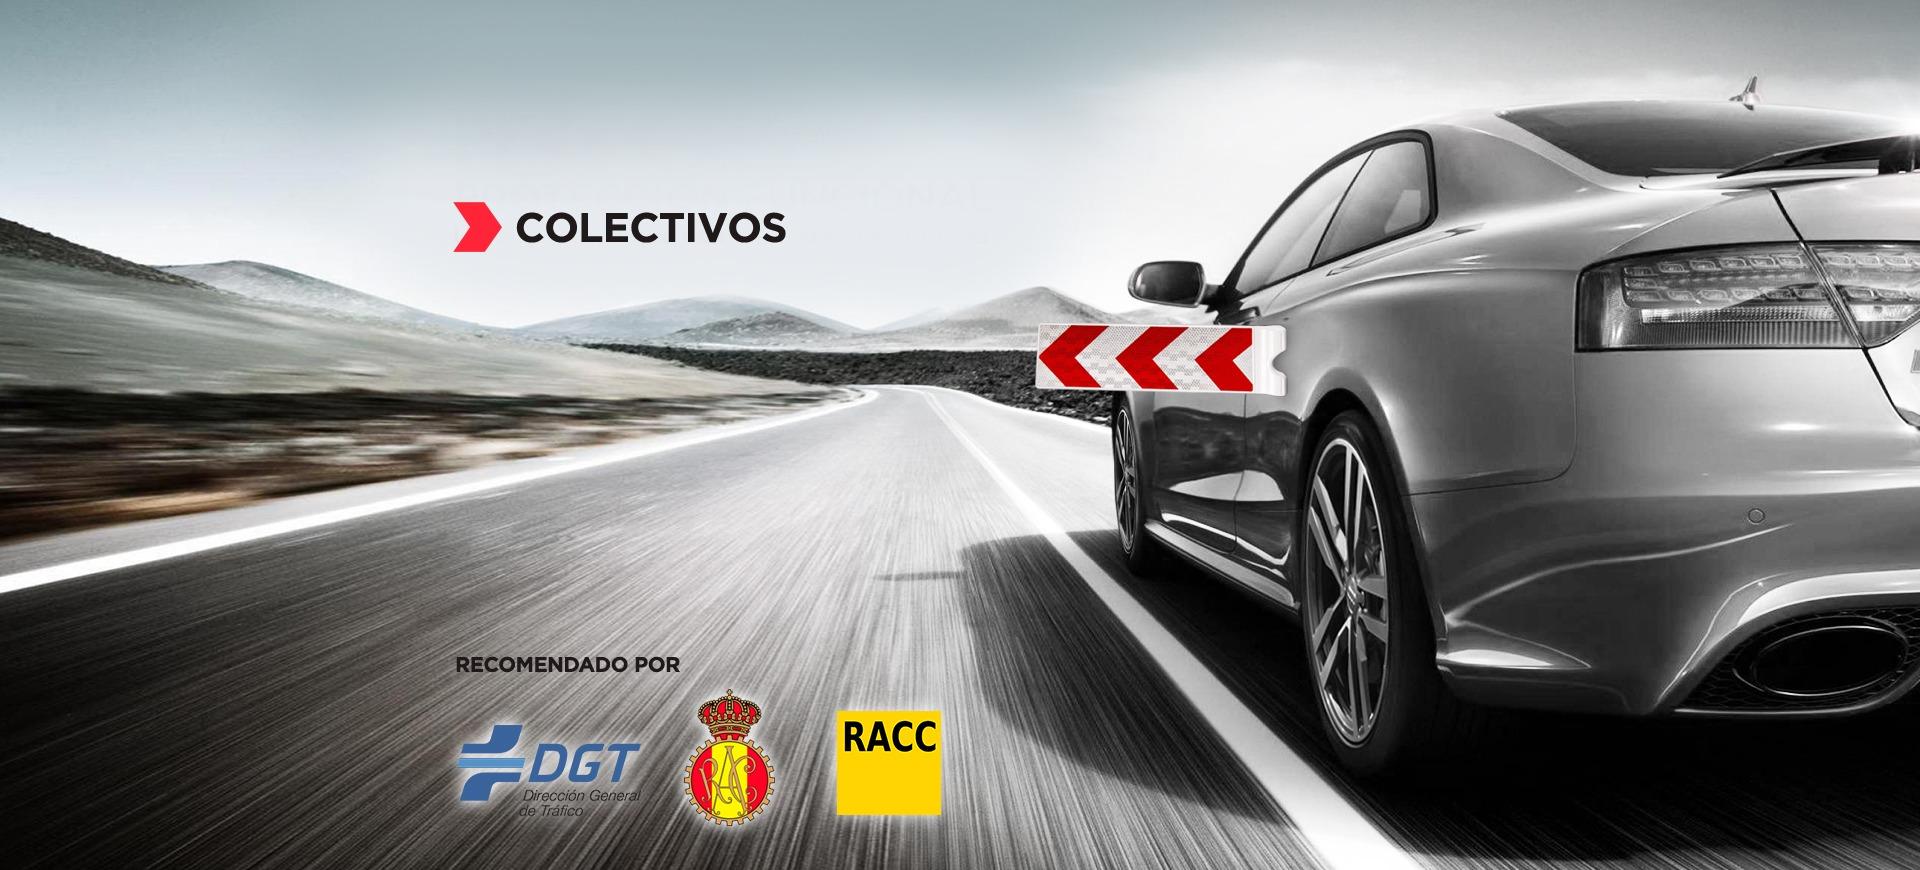 cab-colectivos